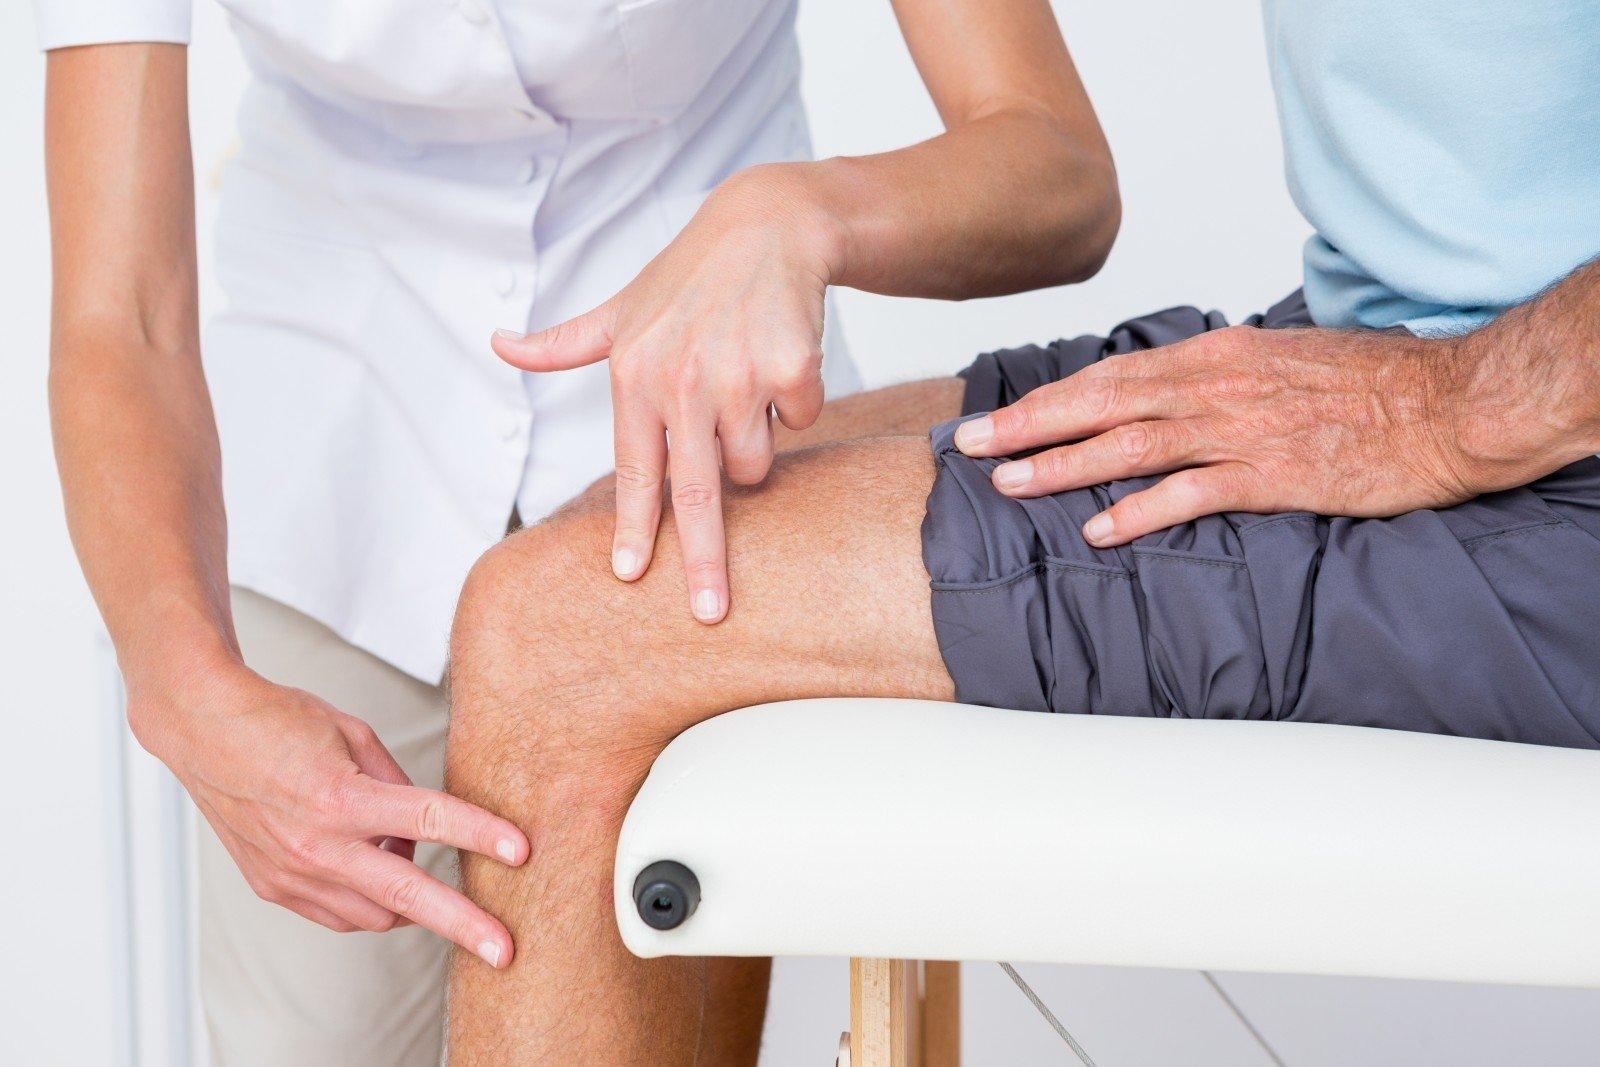 fingers kremzlių sąnarių liga nesvarbu ar tai skauda po blokados sąnario